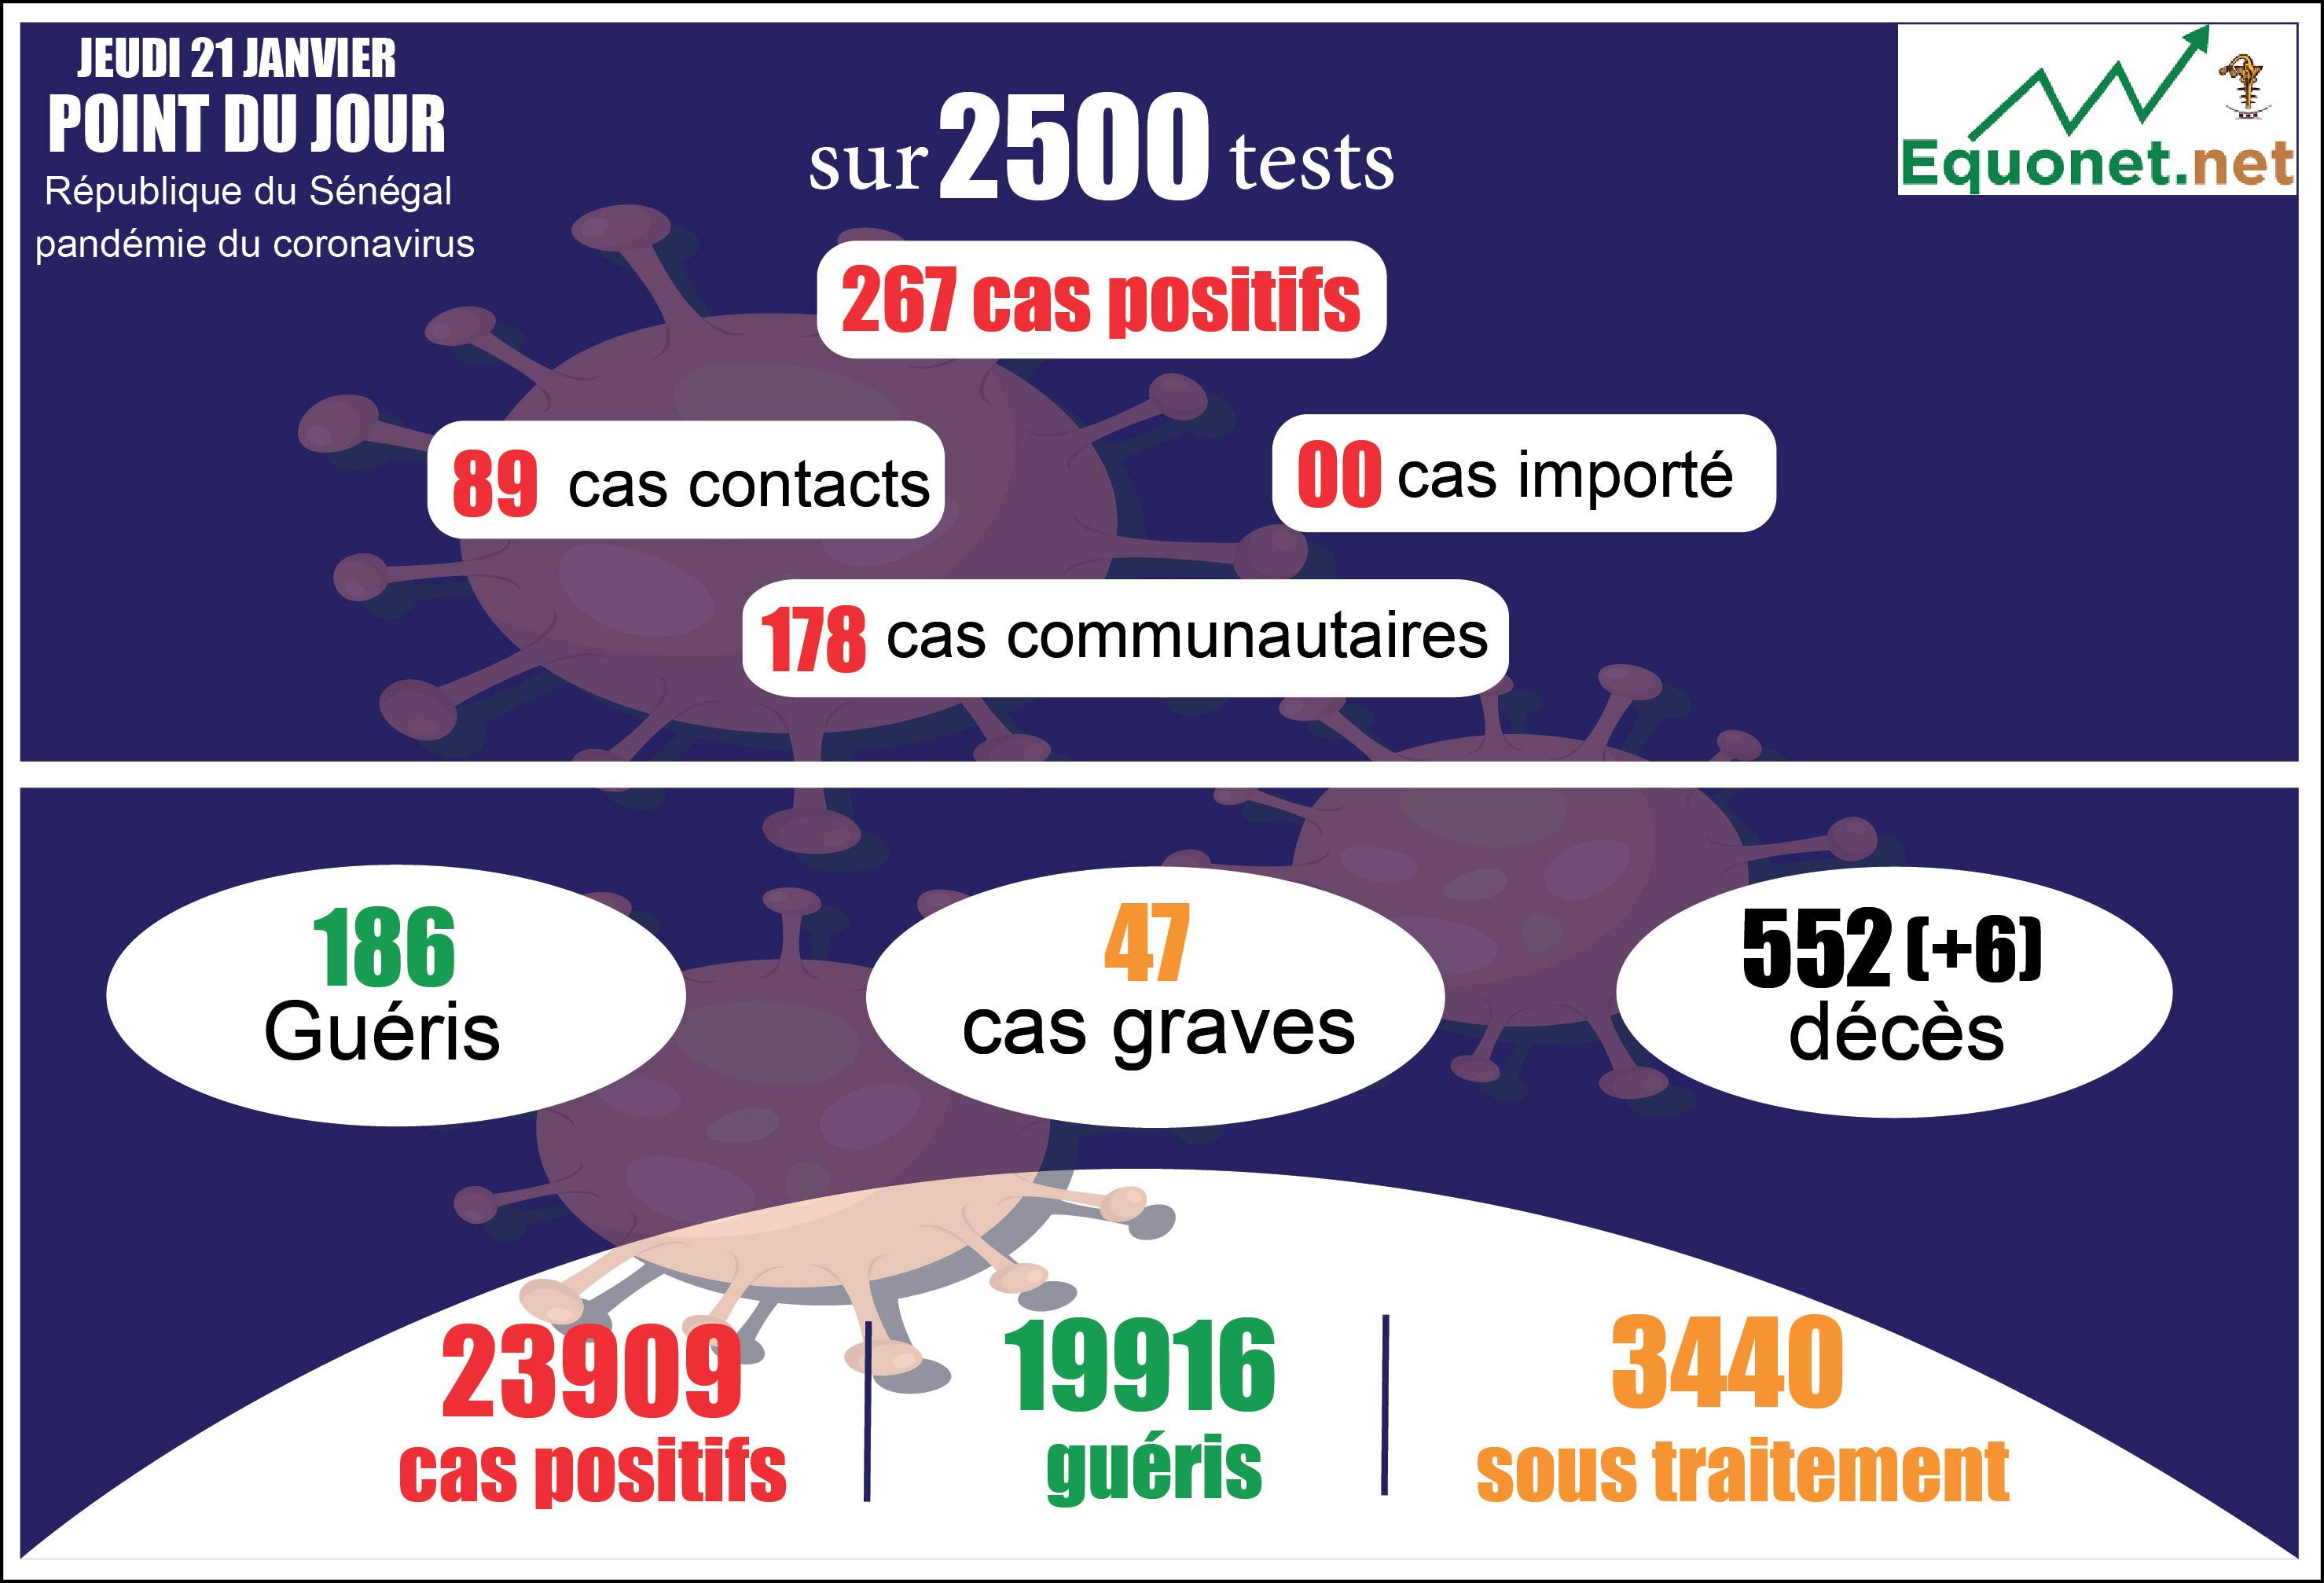 pandémie du coronavirus-covid-19 au sénégal : 178 cas communautaires et 6 décès enregistrés ce jeudi 21 janvier 2021